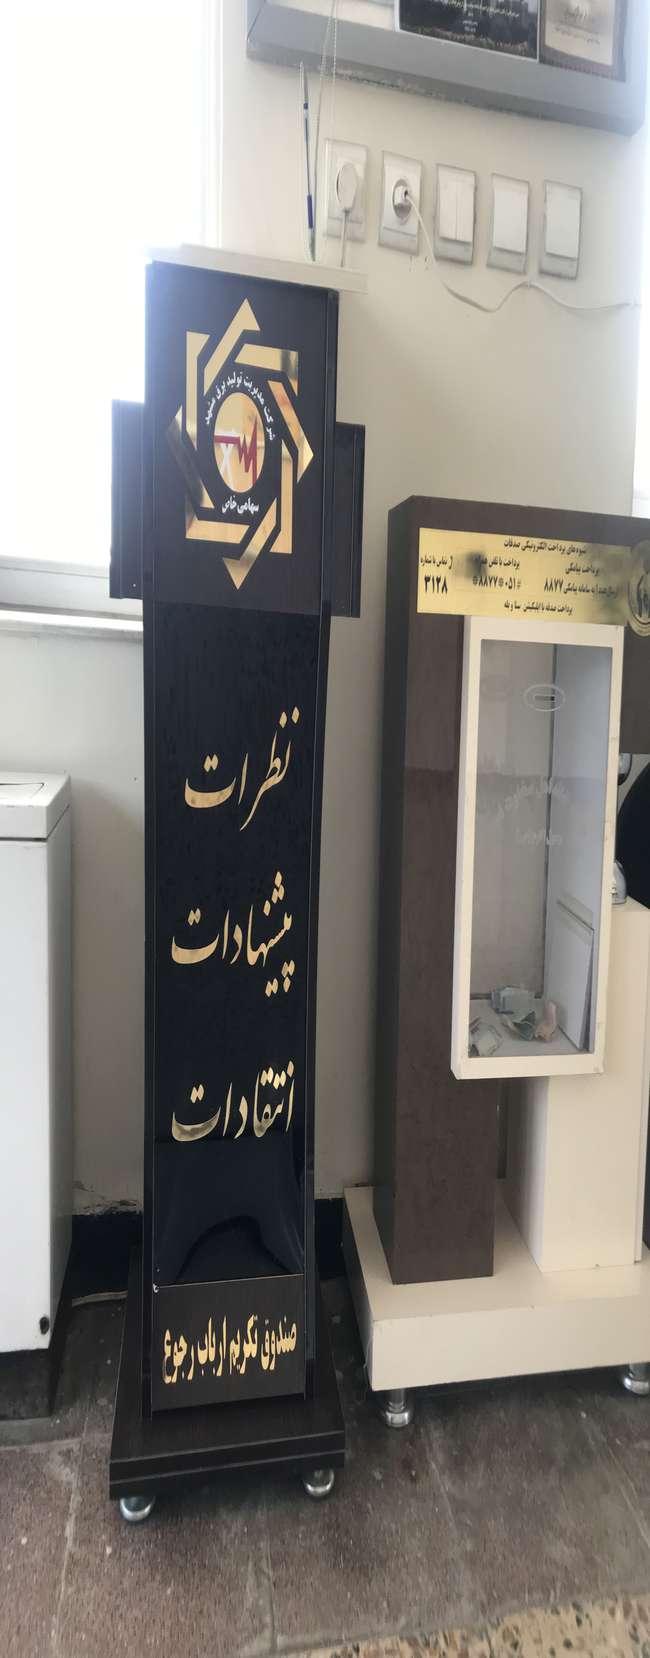 سامانه تکریم ارباب رجوع در نیروگاه مشهد راه اندازی شد